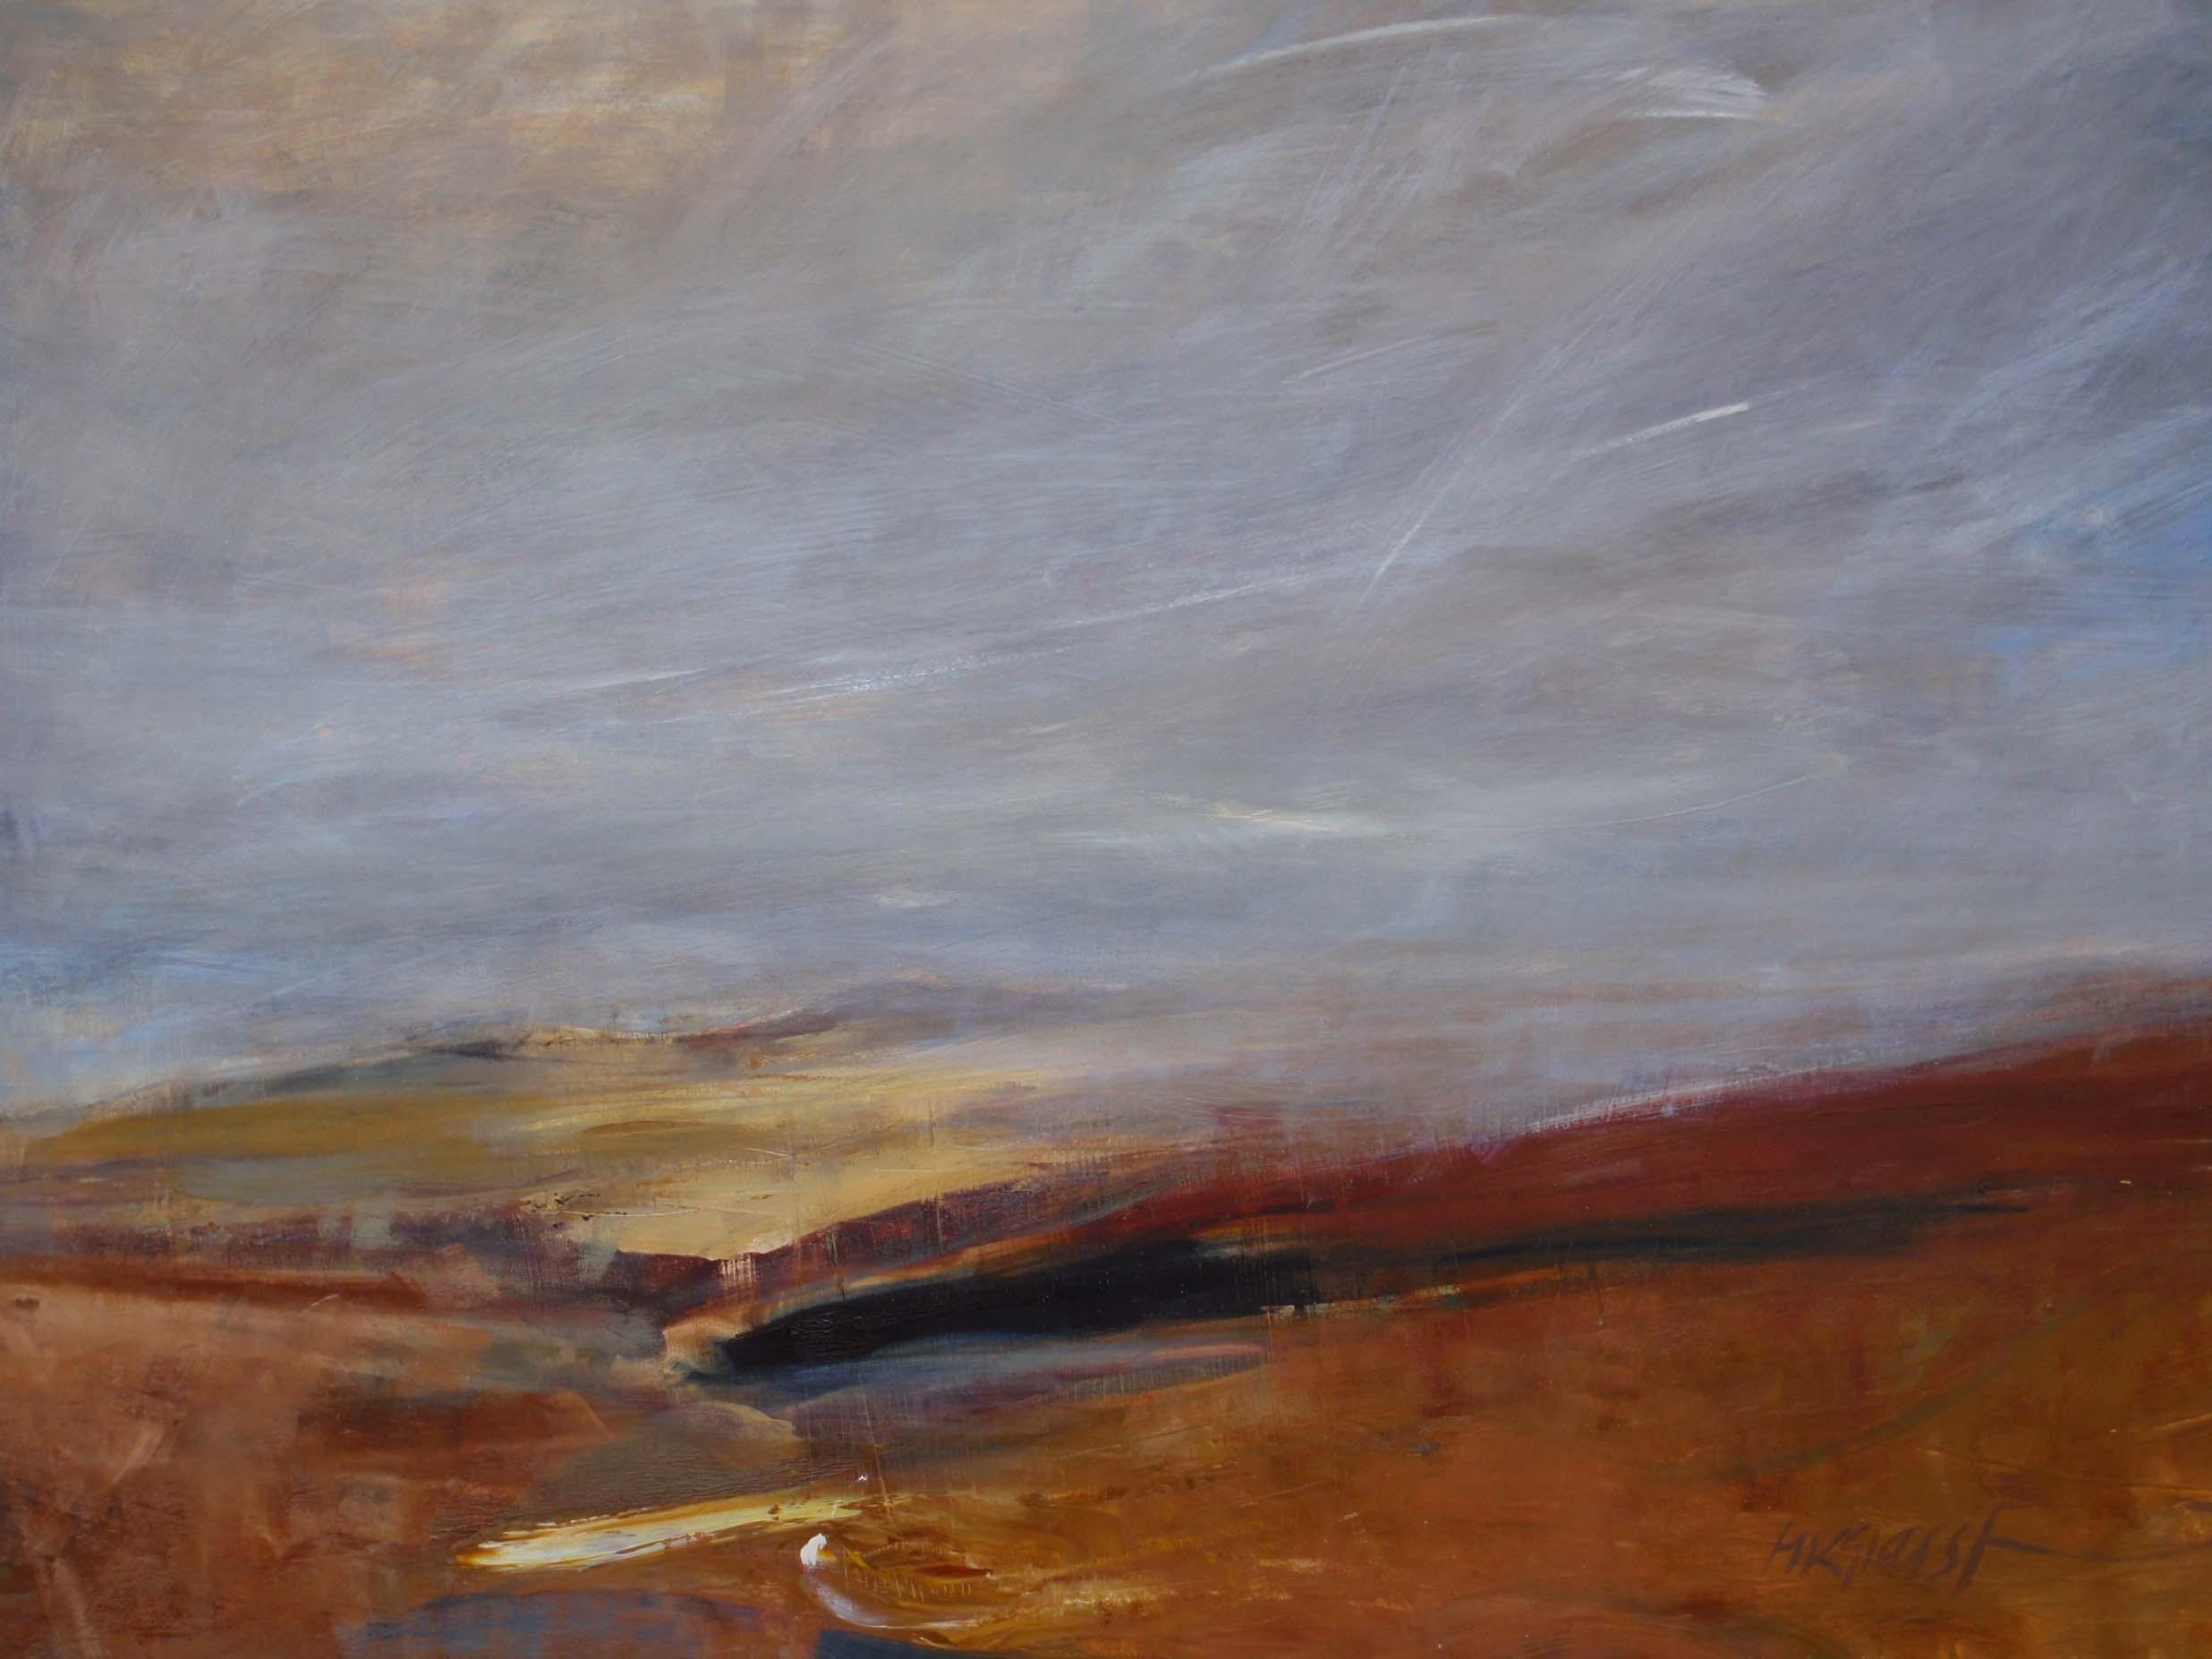 Glen Shee Plateau • Sold